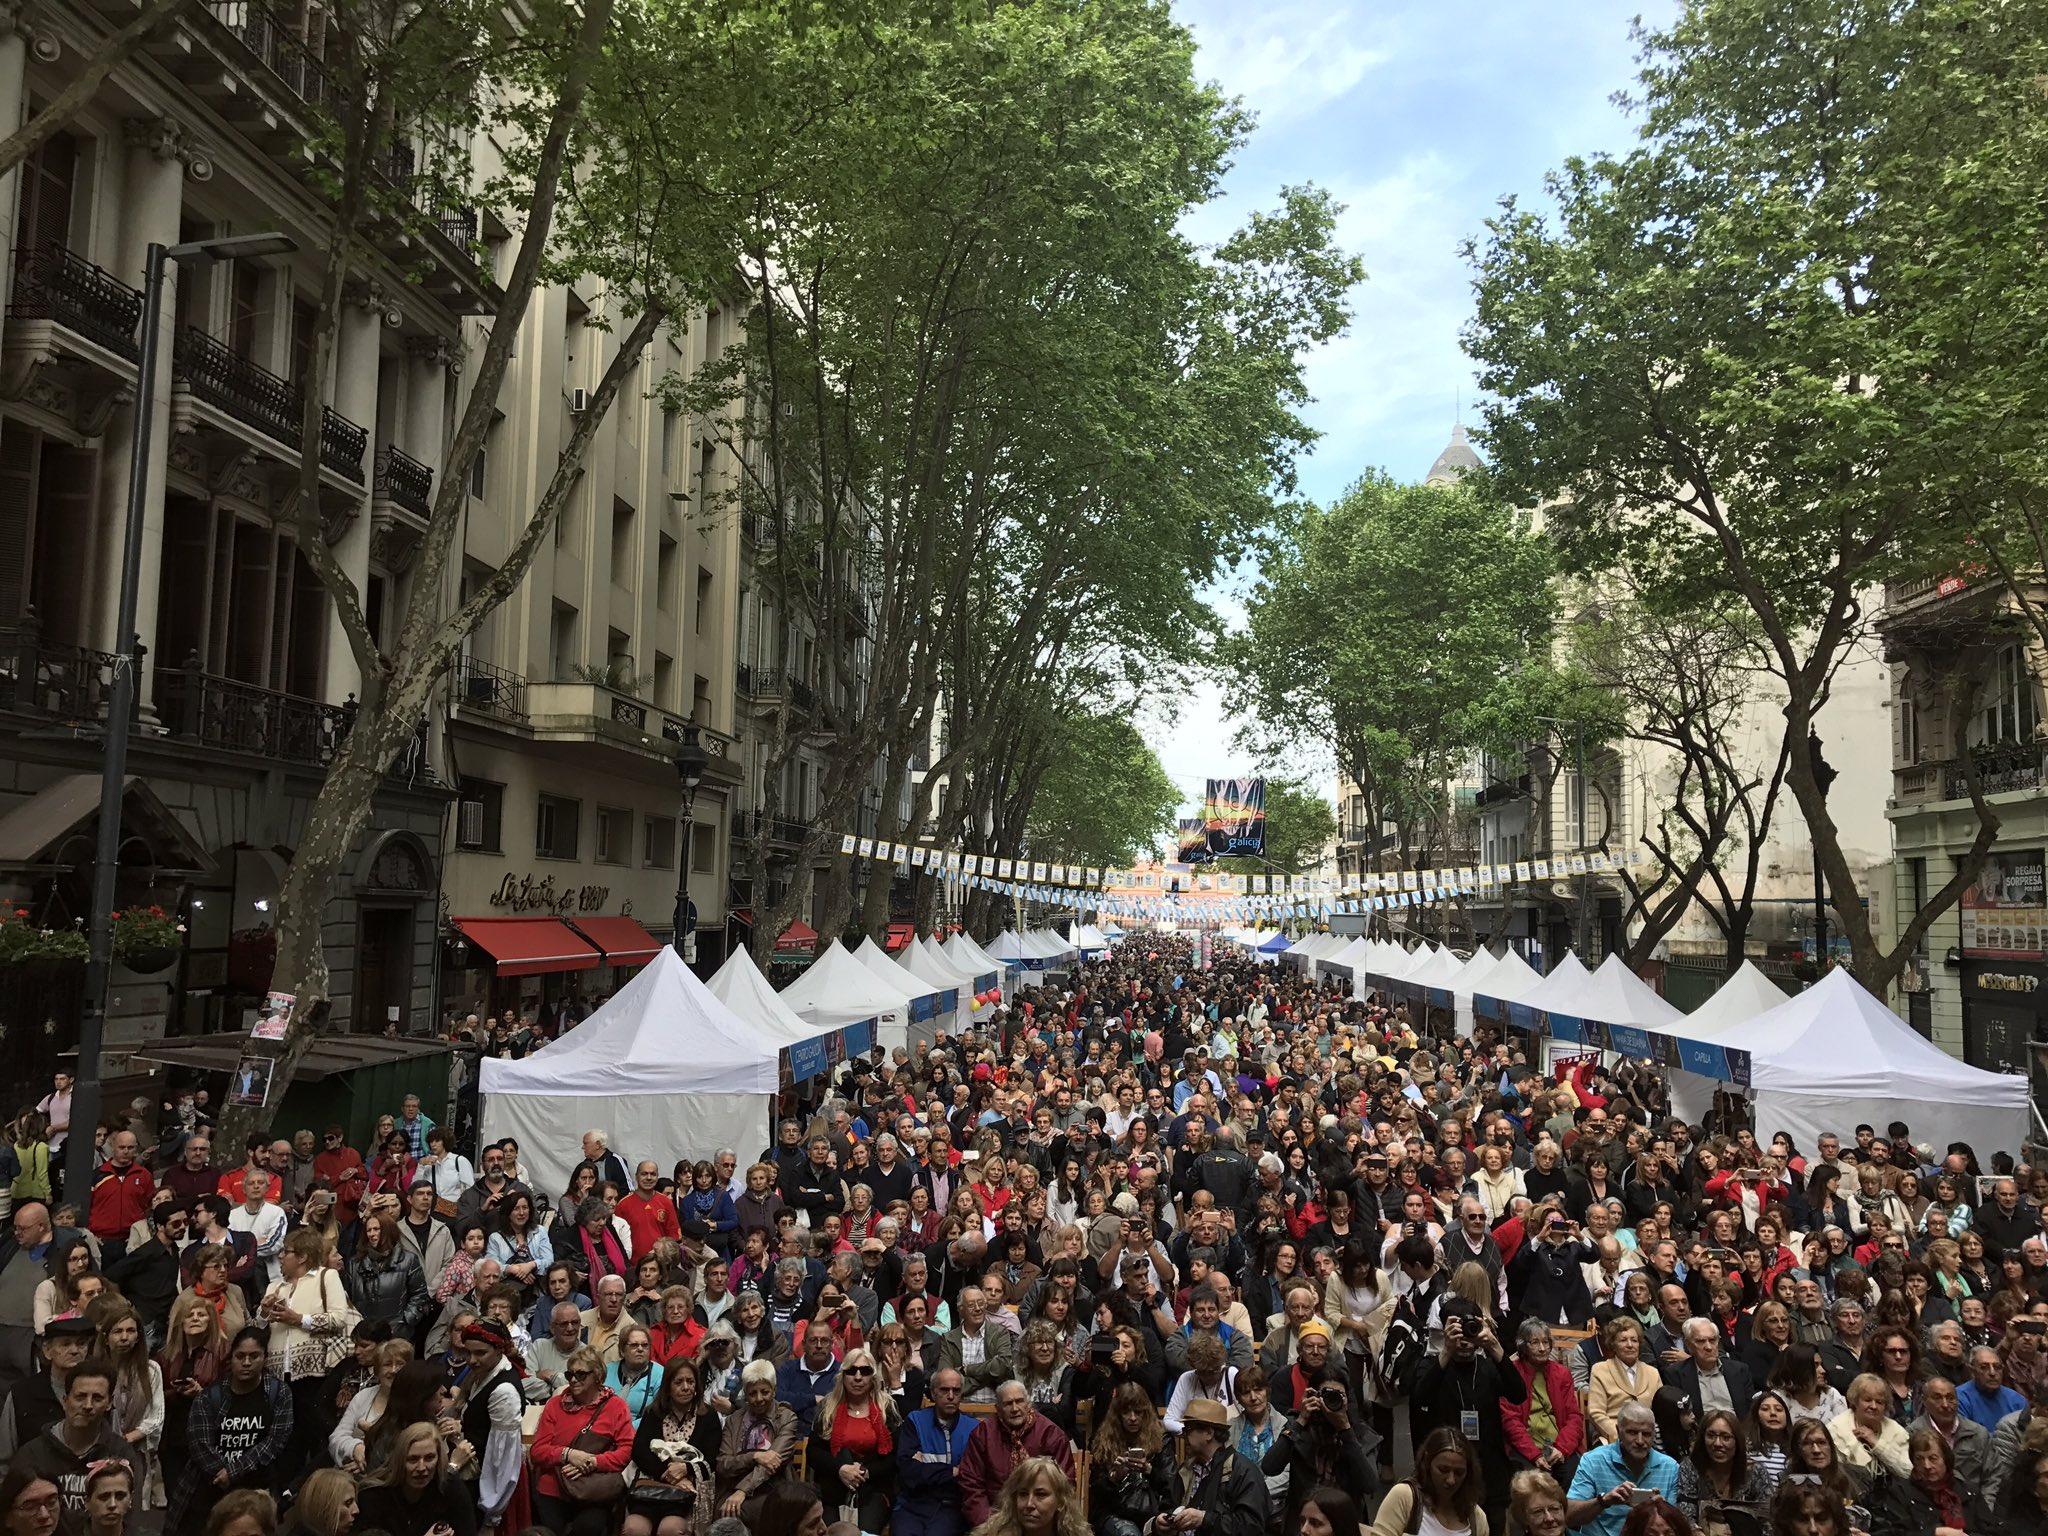 Miles de galegos e galegas congregáronse para celebrar os actos de conmemoración no que se fai un recoñecemento especial á comunidade galega asentada no país arxentino